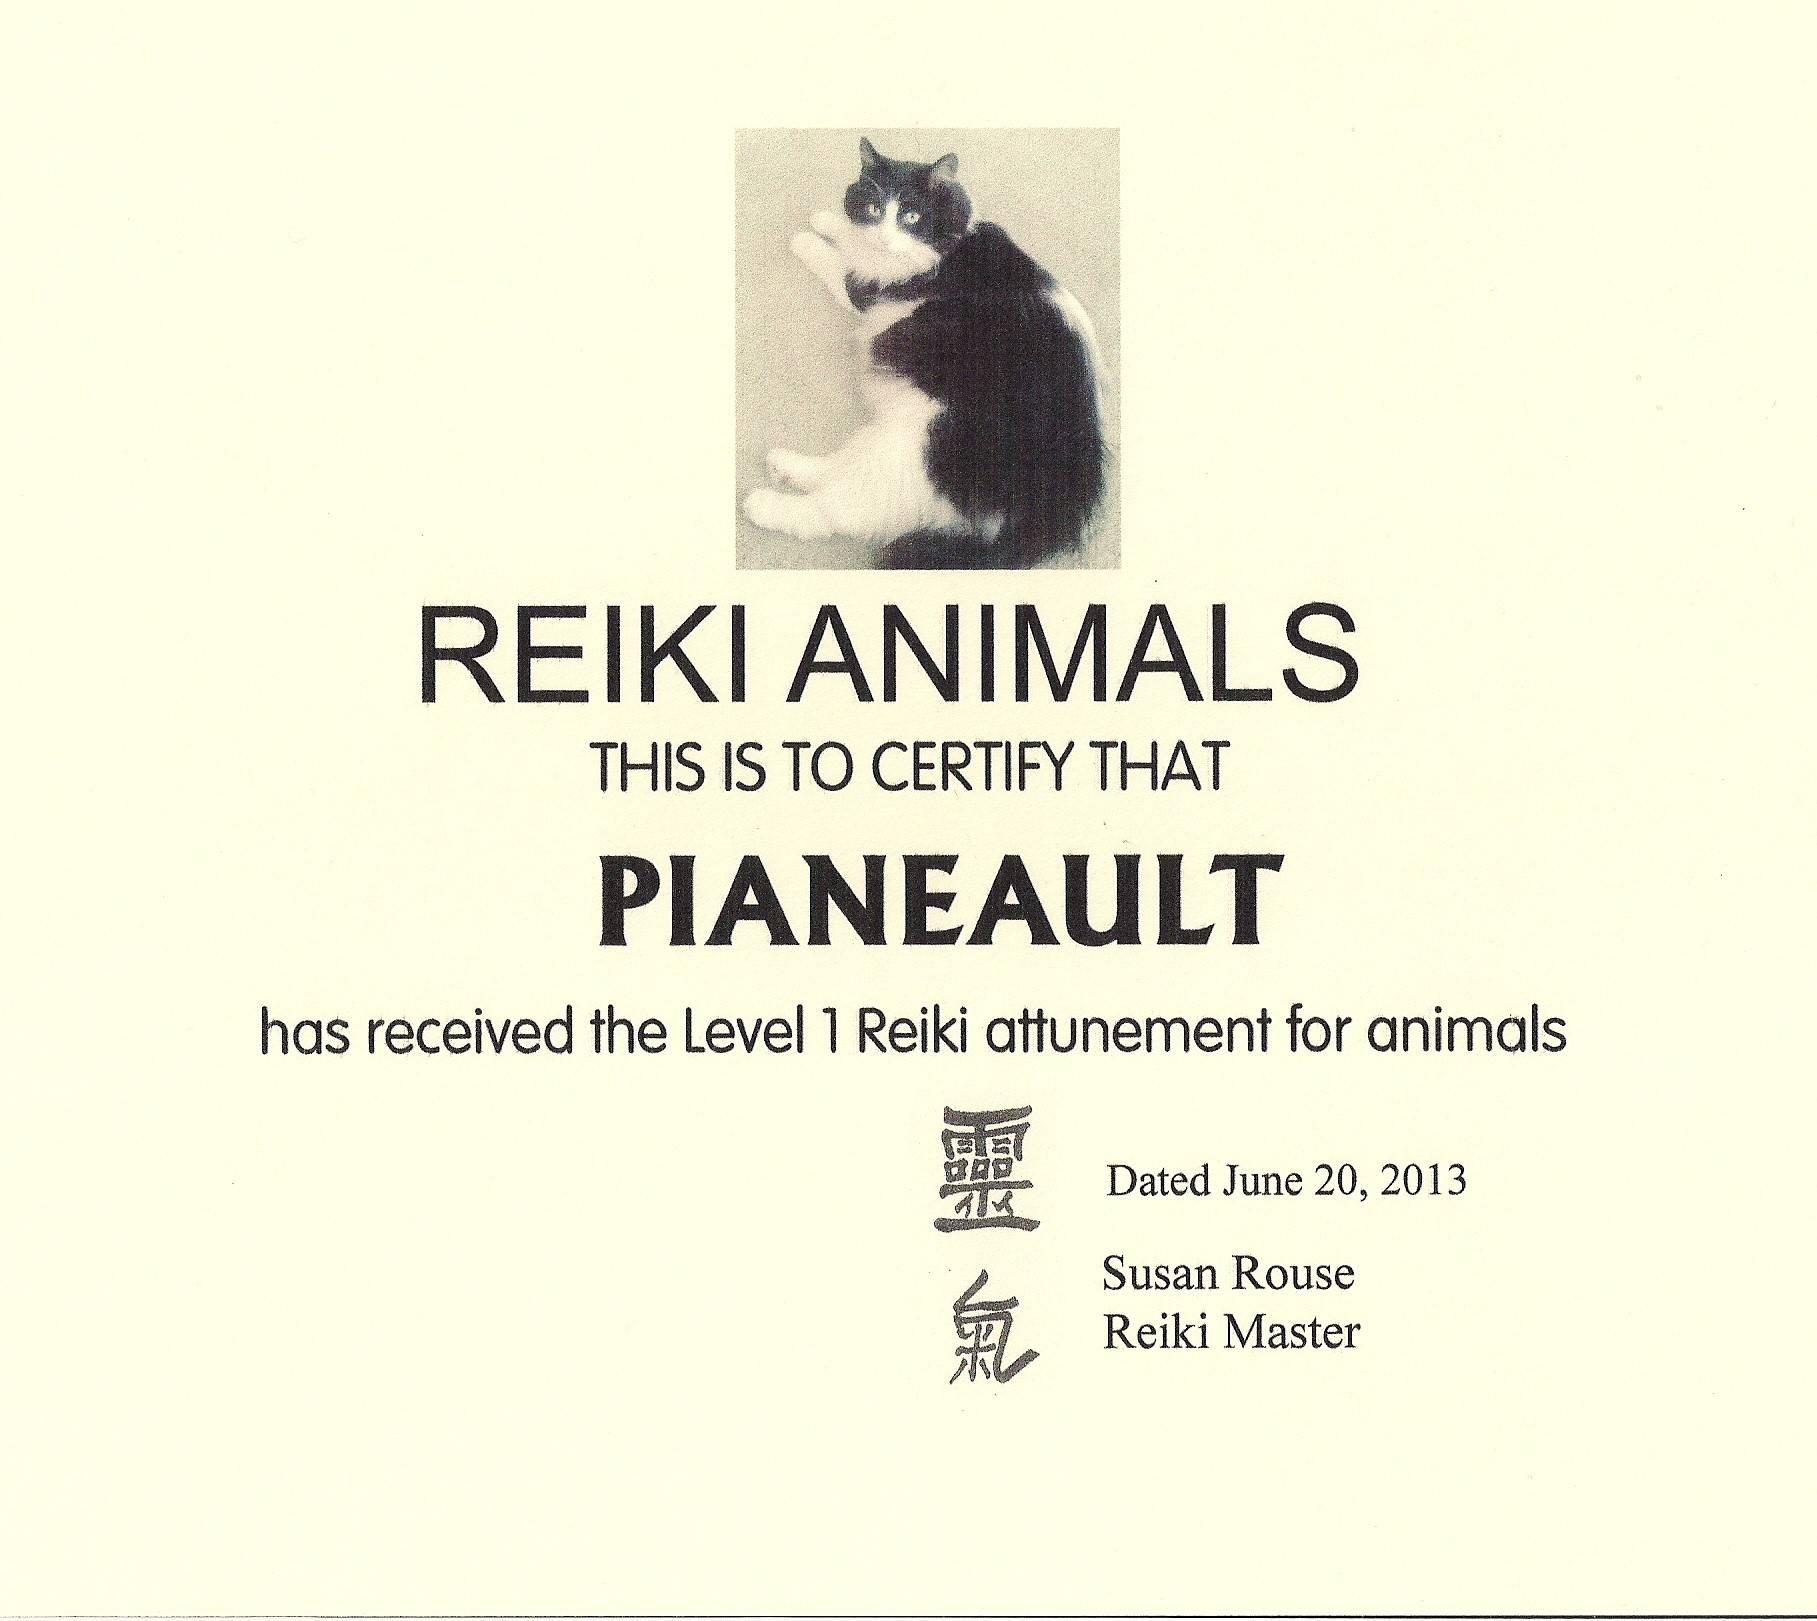 Pianeault the Reiki Cat